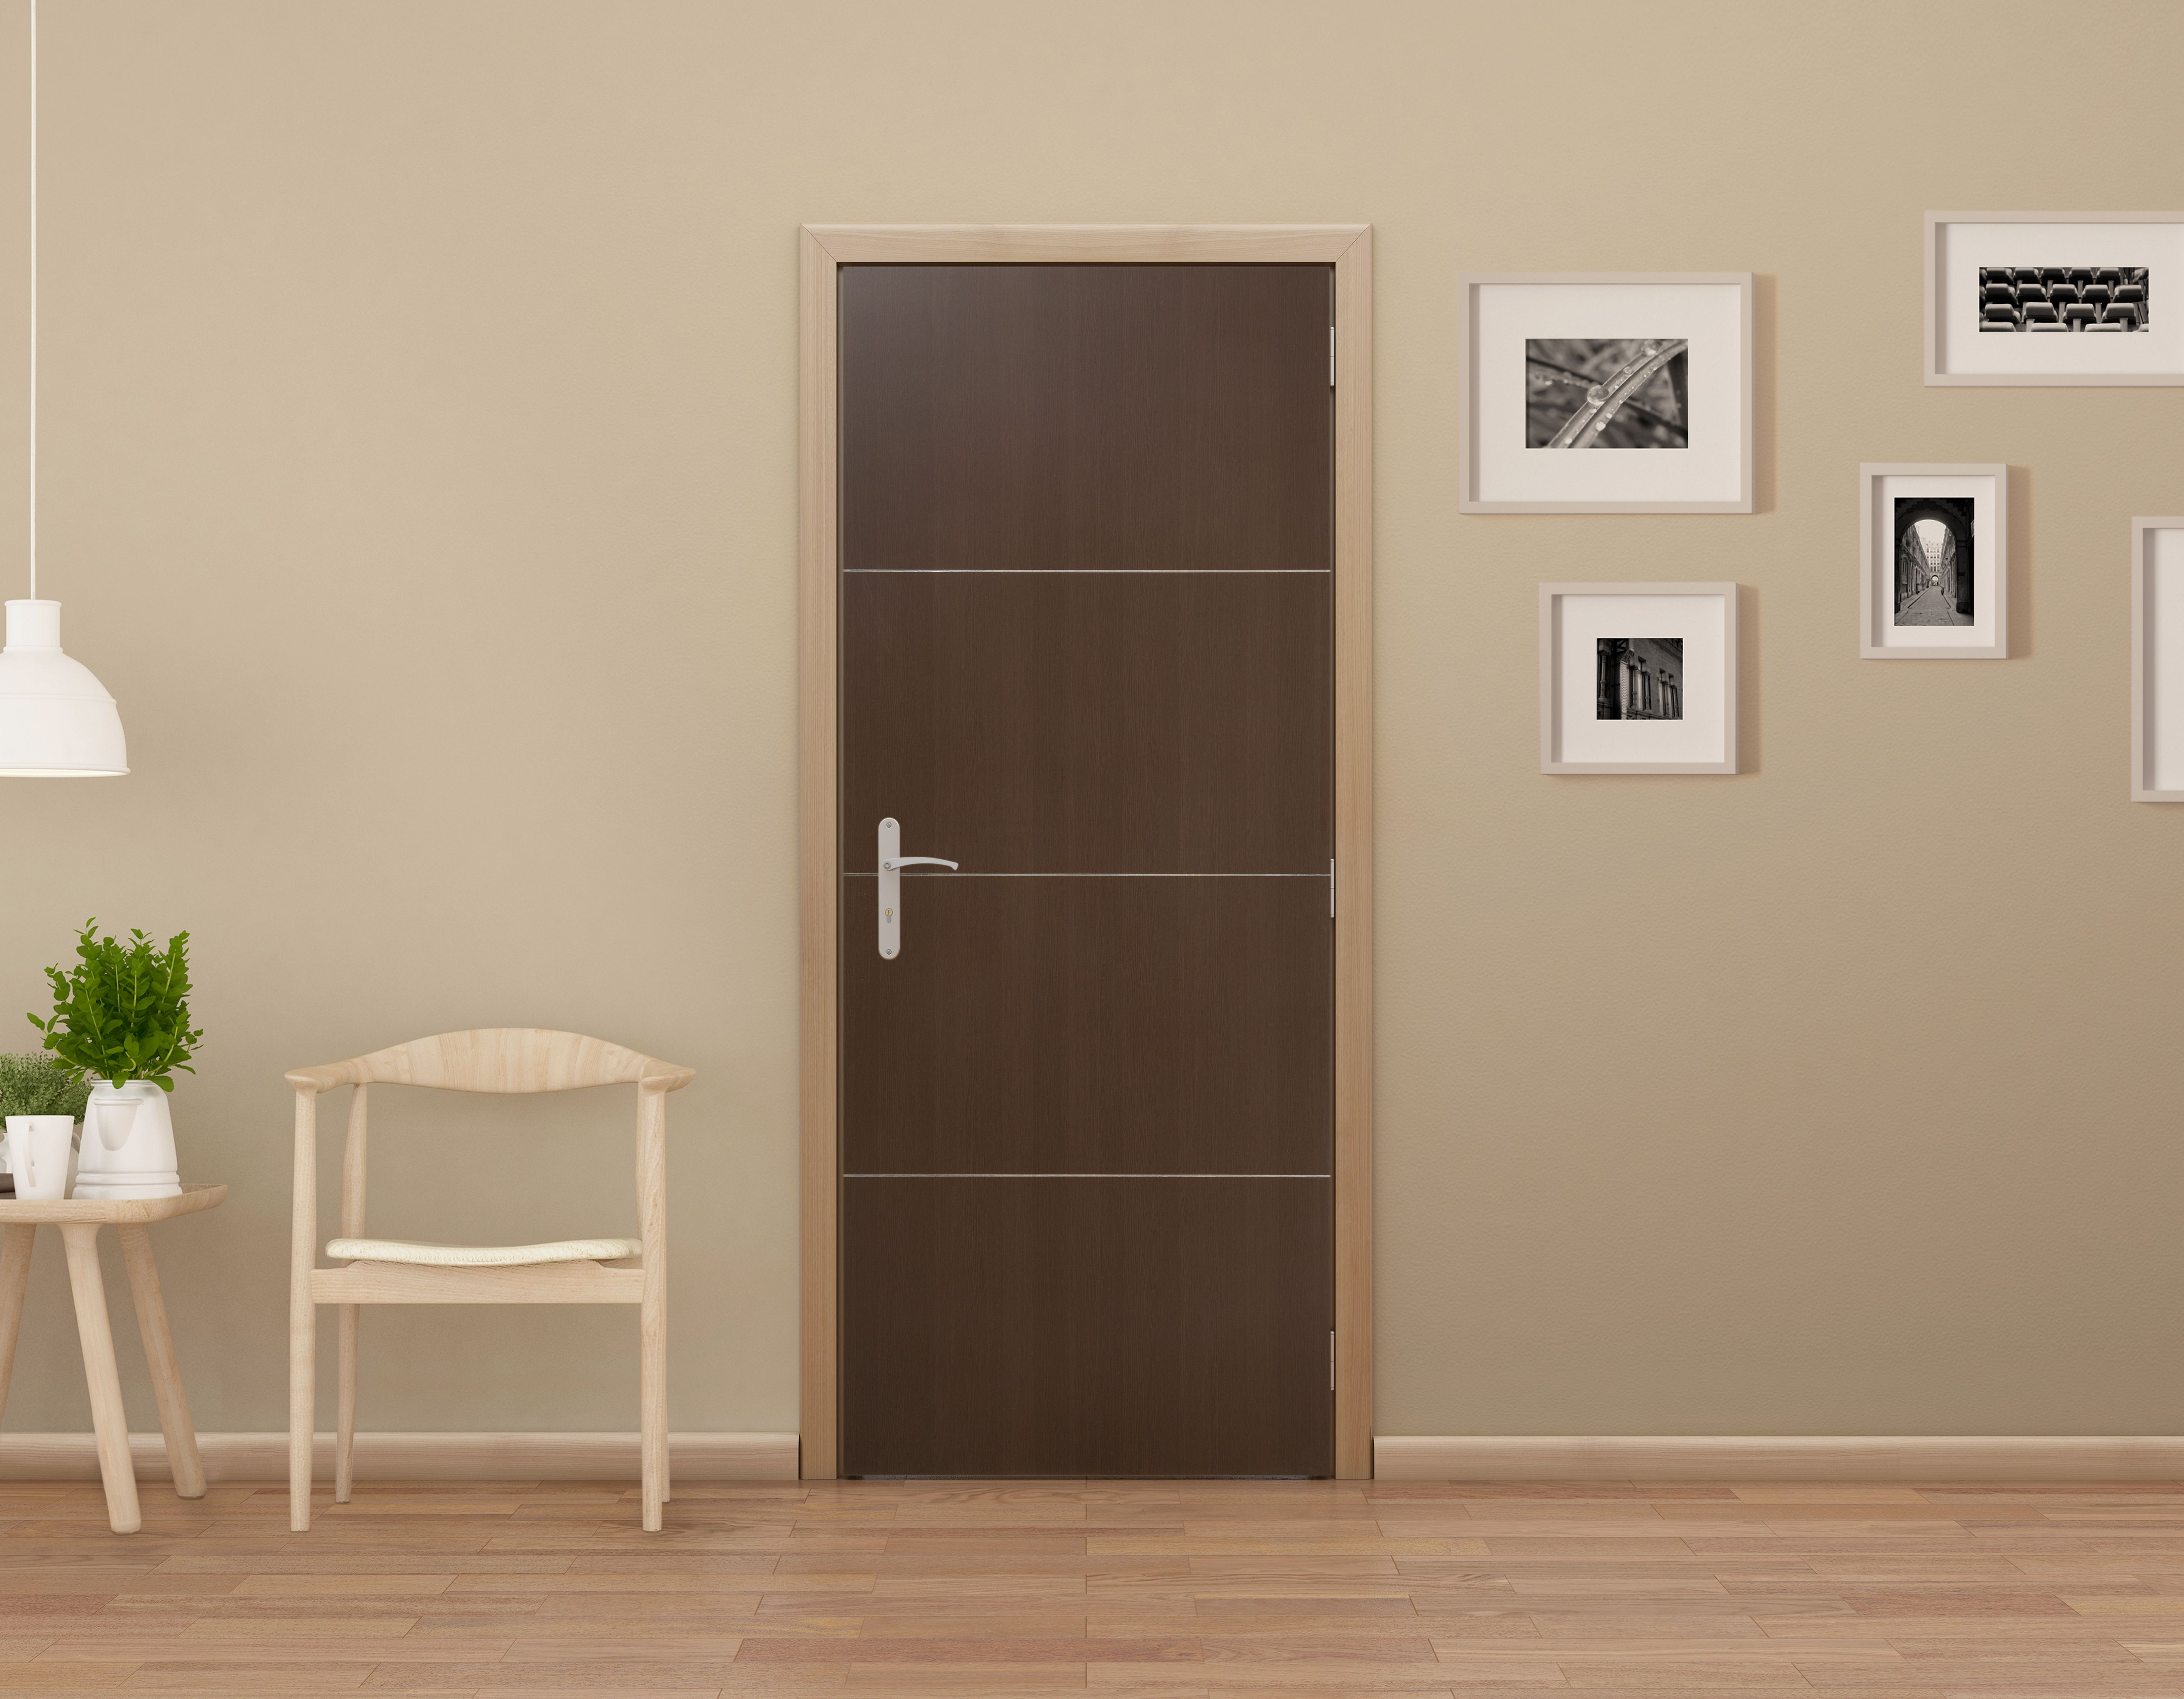 Puerta para interior color caf modelo lodge medidas for Medidas de puertas interiores